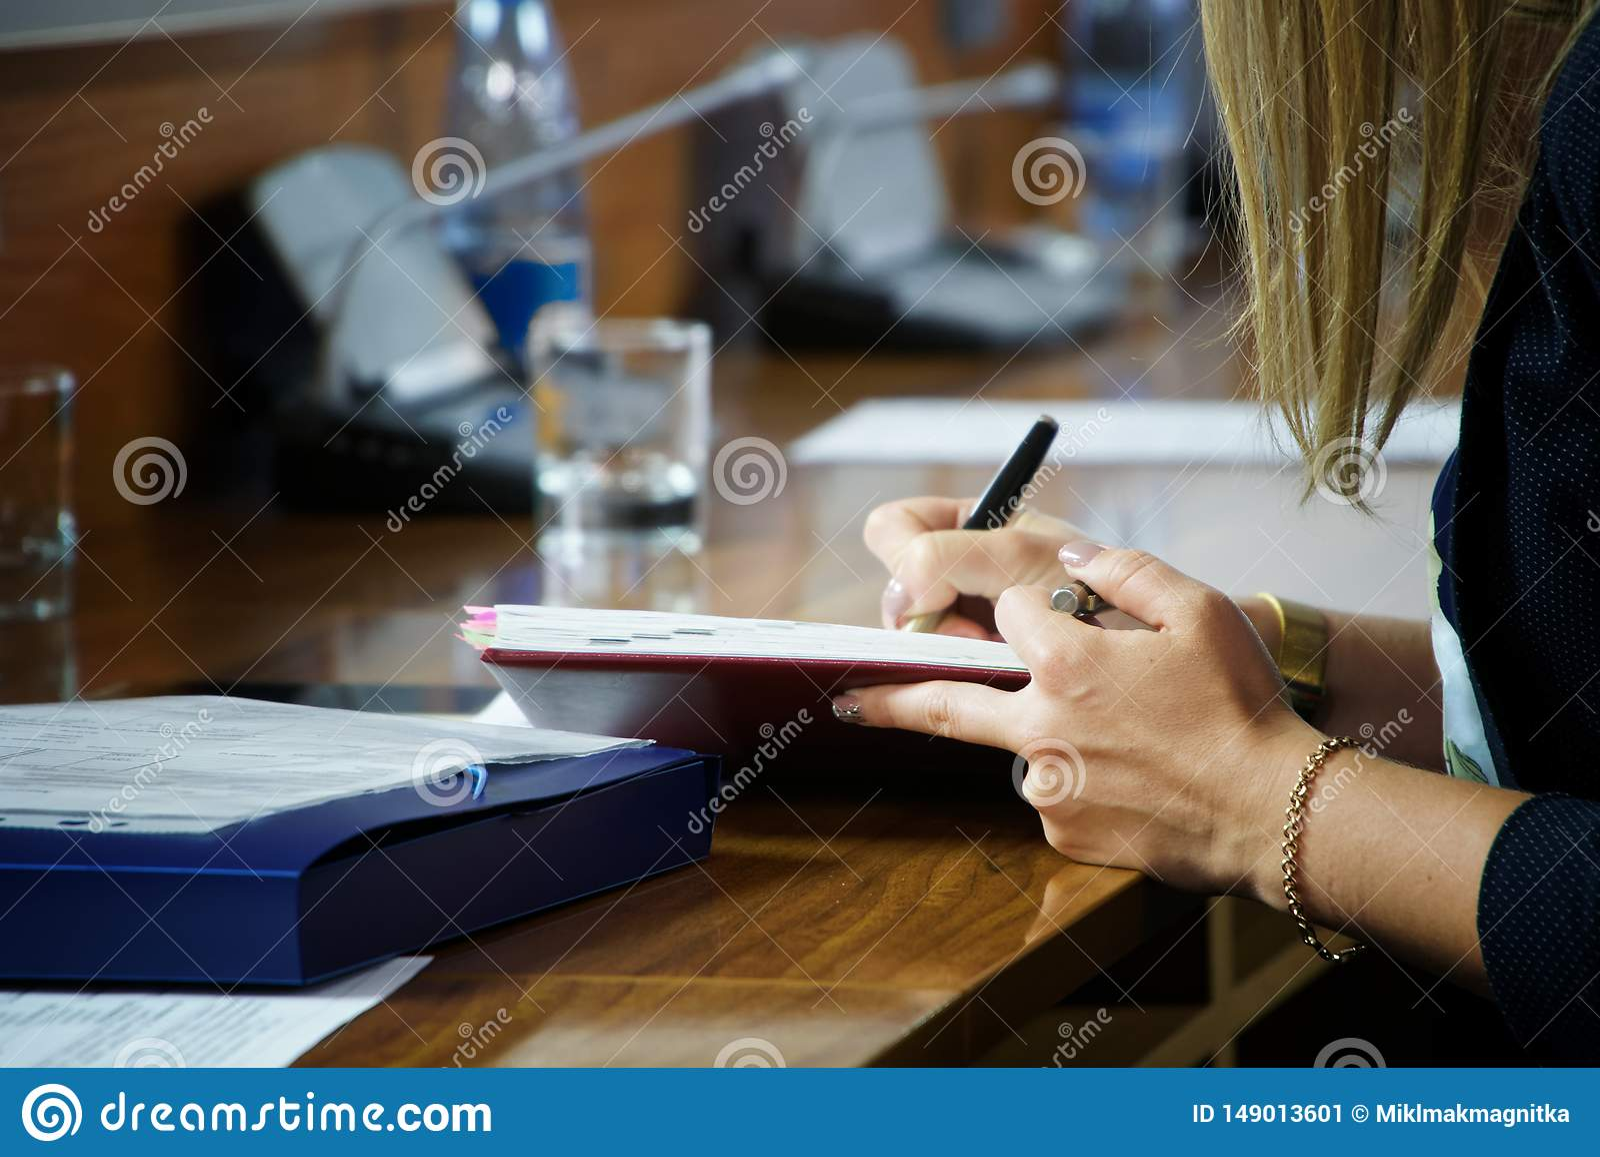 Een jonge vrouw met een gouden armband schrijft nota s in een dik notitieboekje Verslag in de organisator